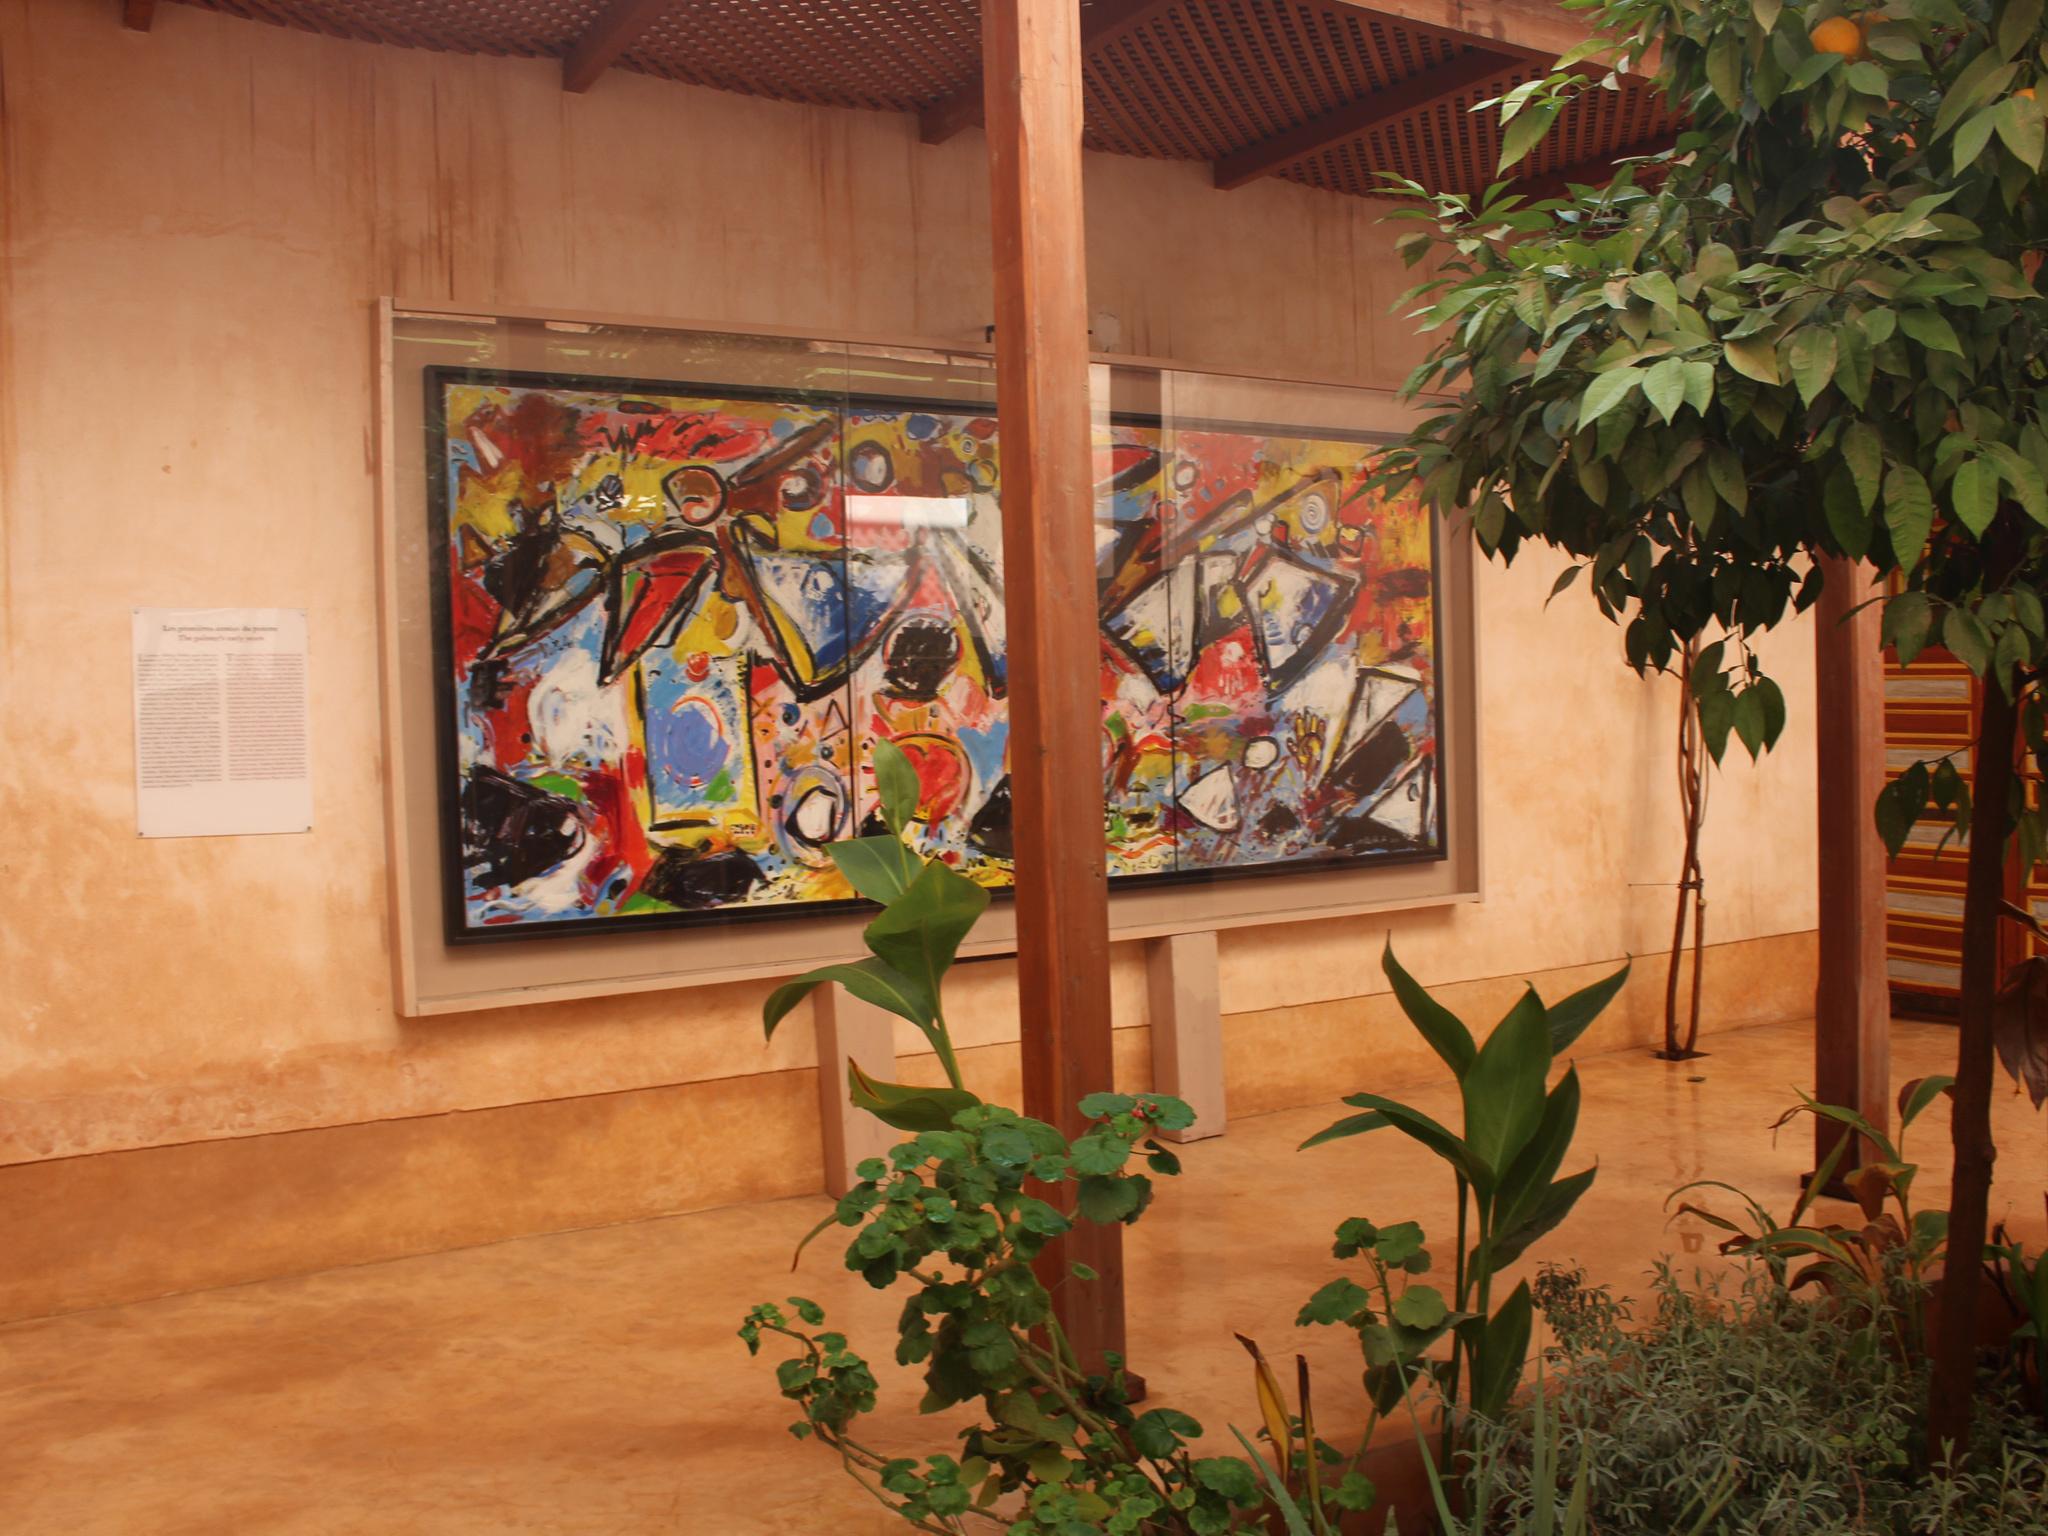 Musée de Mouassine in Marrakech